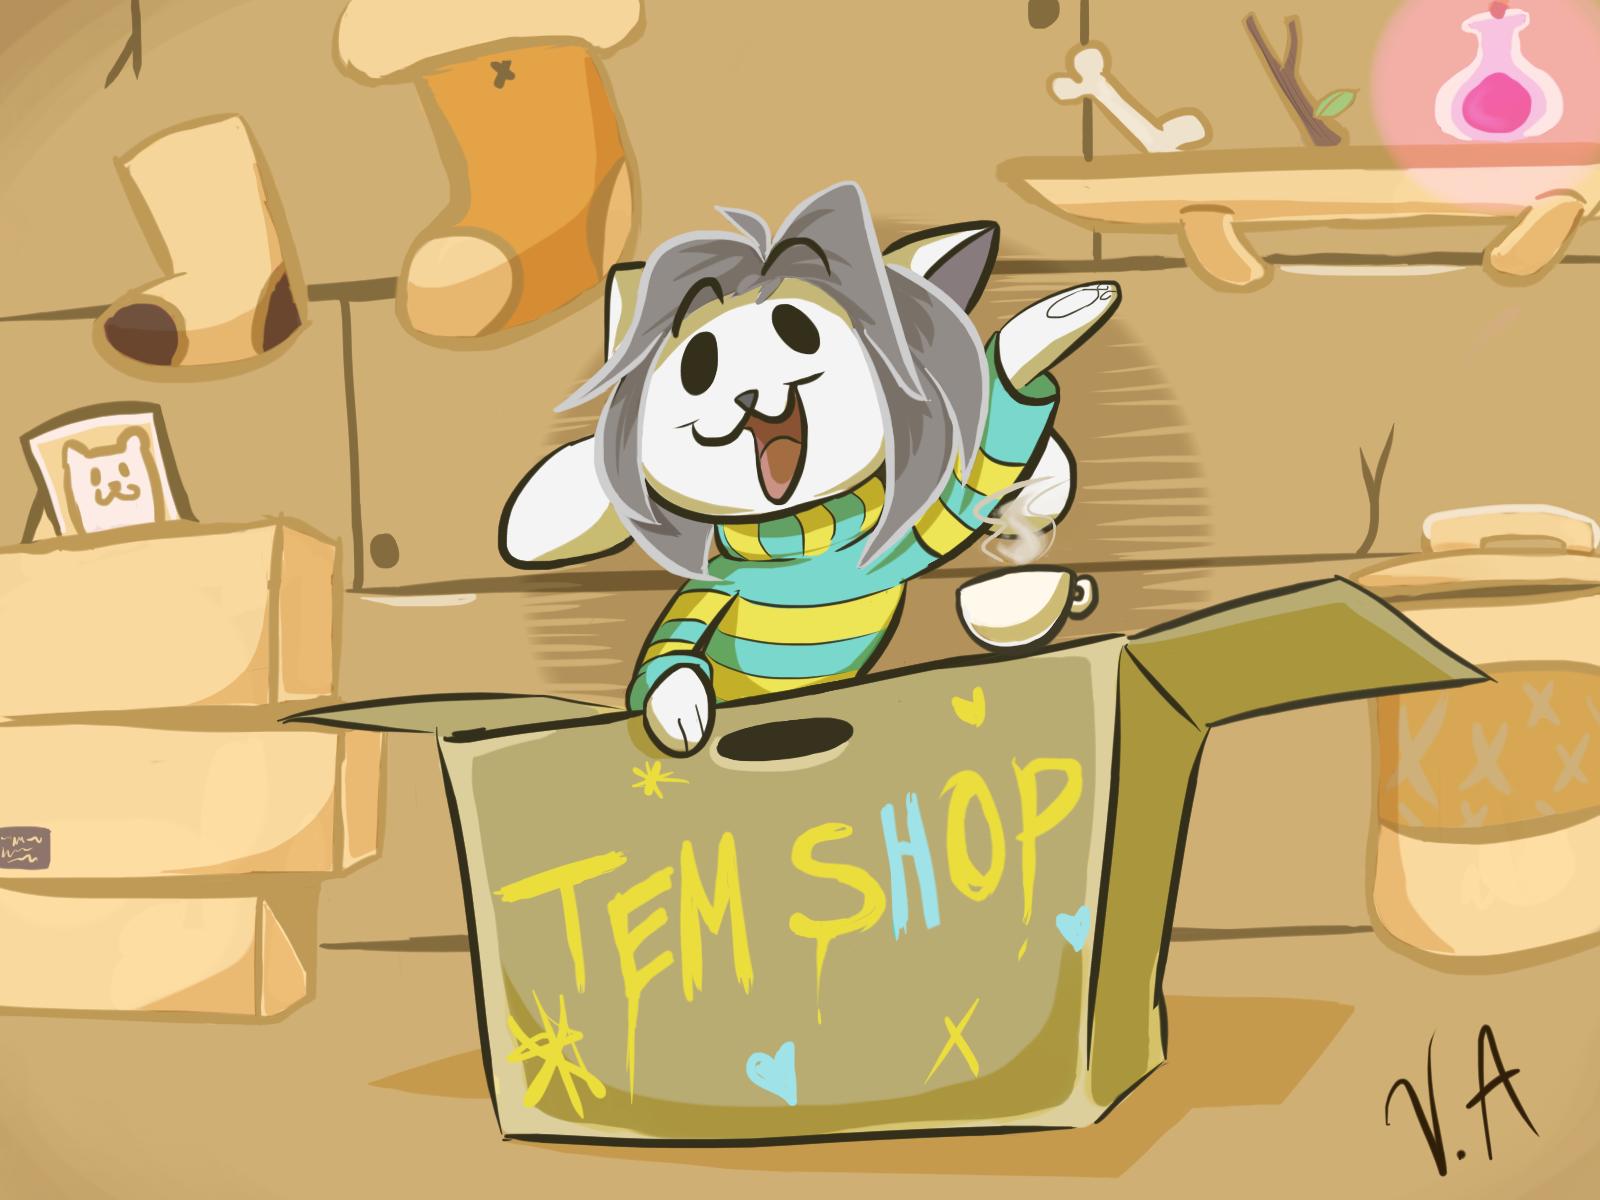 Tem Shop <3